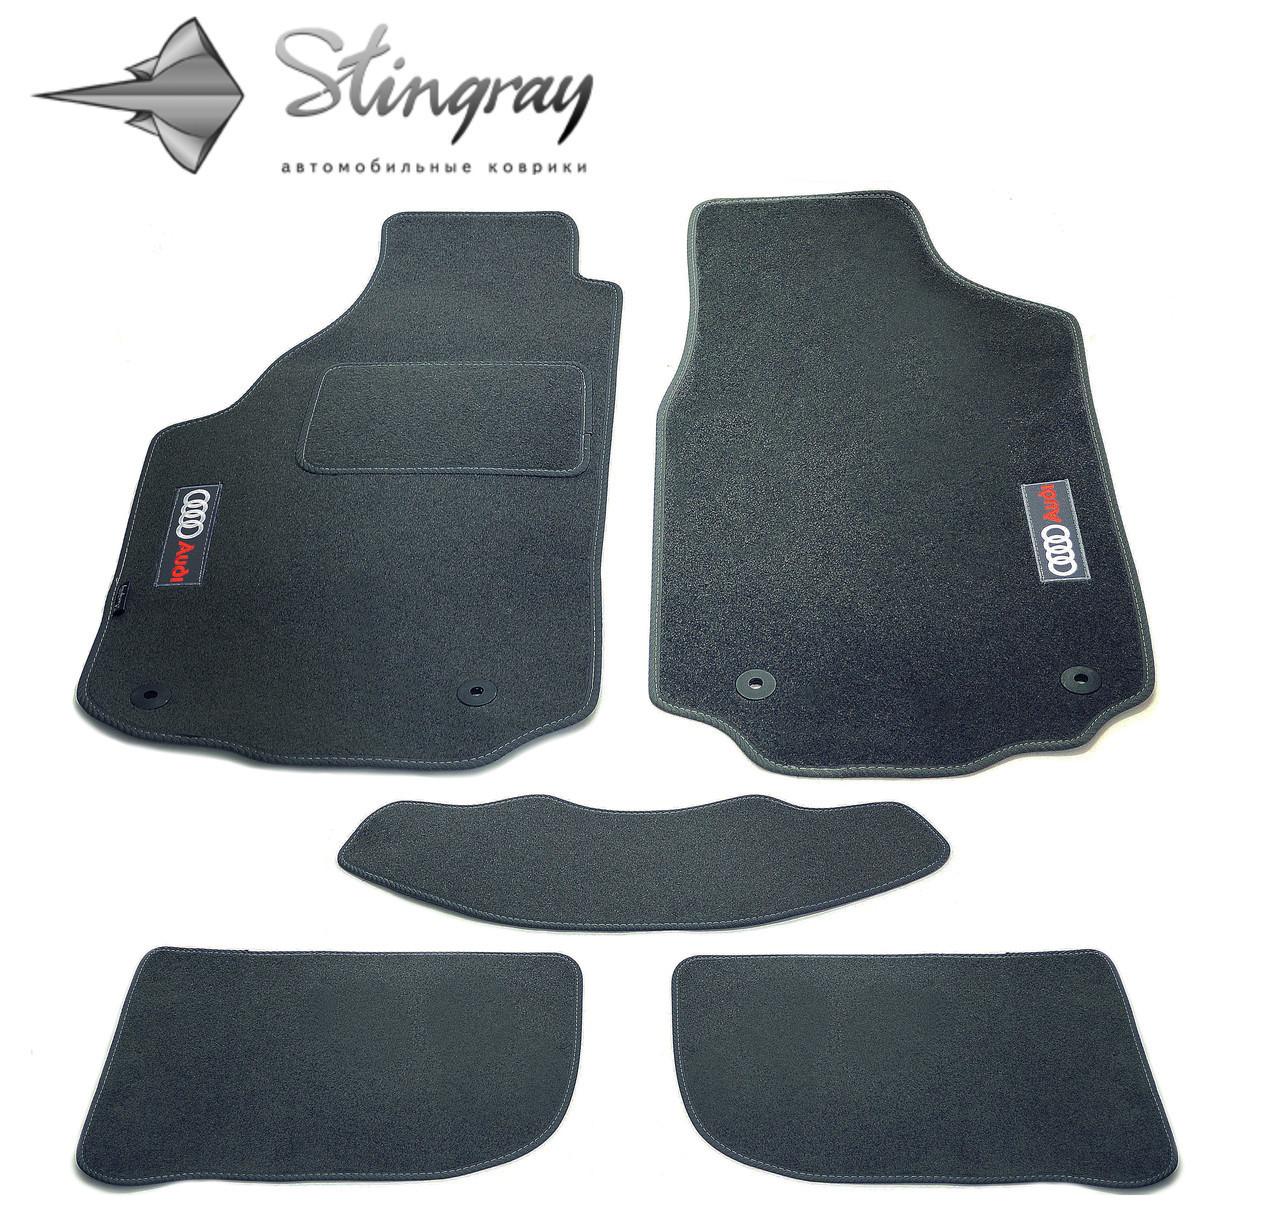 Fiat Linea SD 2009- Комплект из 5-х ковриков ворсовый CIAK GREY Серый в салон